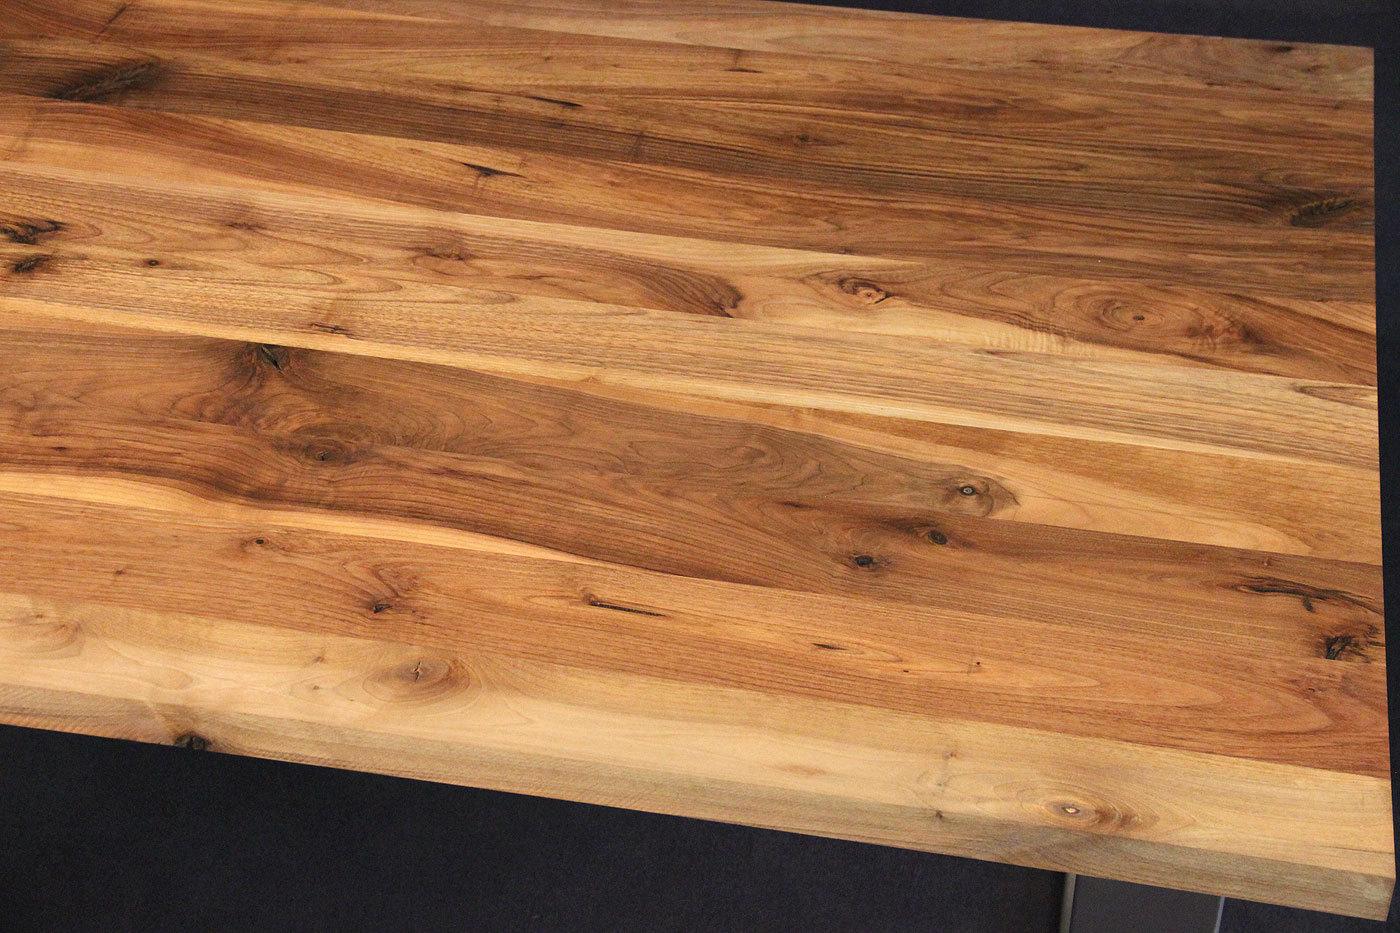 Arbeitsplatte Holz massivholz kaukasischer nussbaum rustikal mit splint dl 30 2200 1200